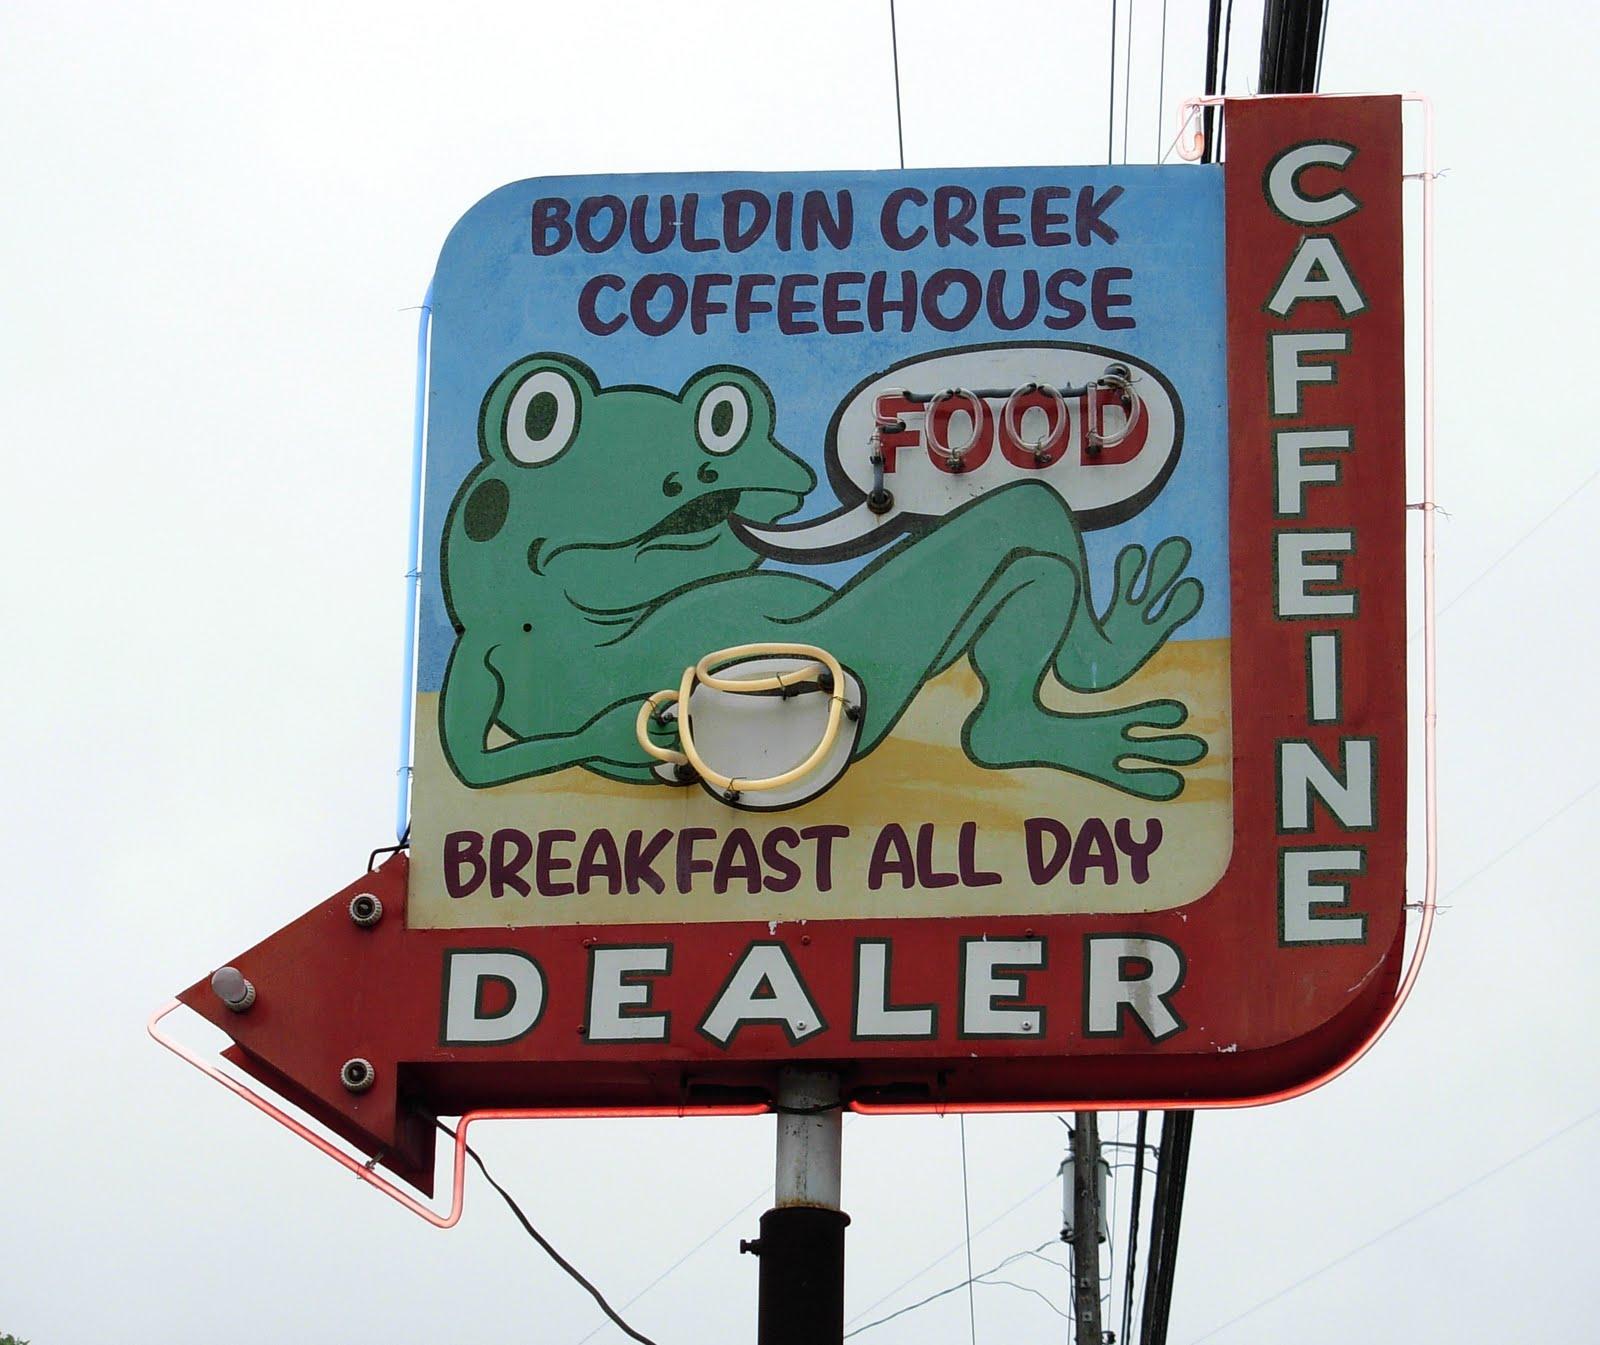 Bouldin Creek Coffee